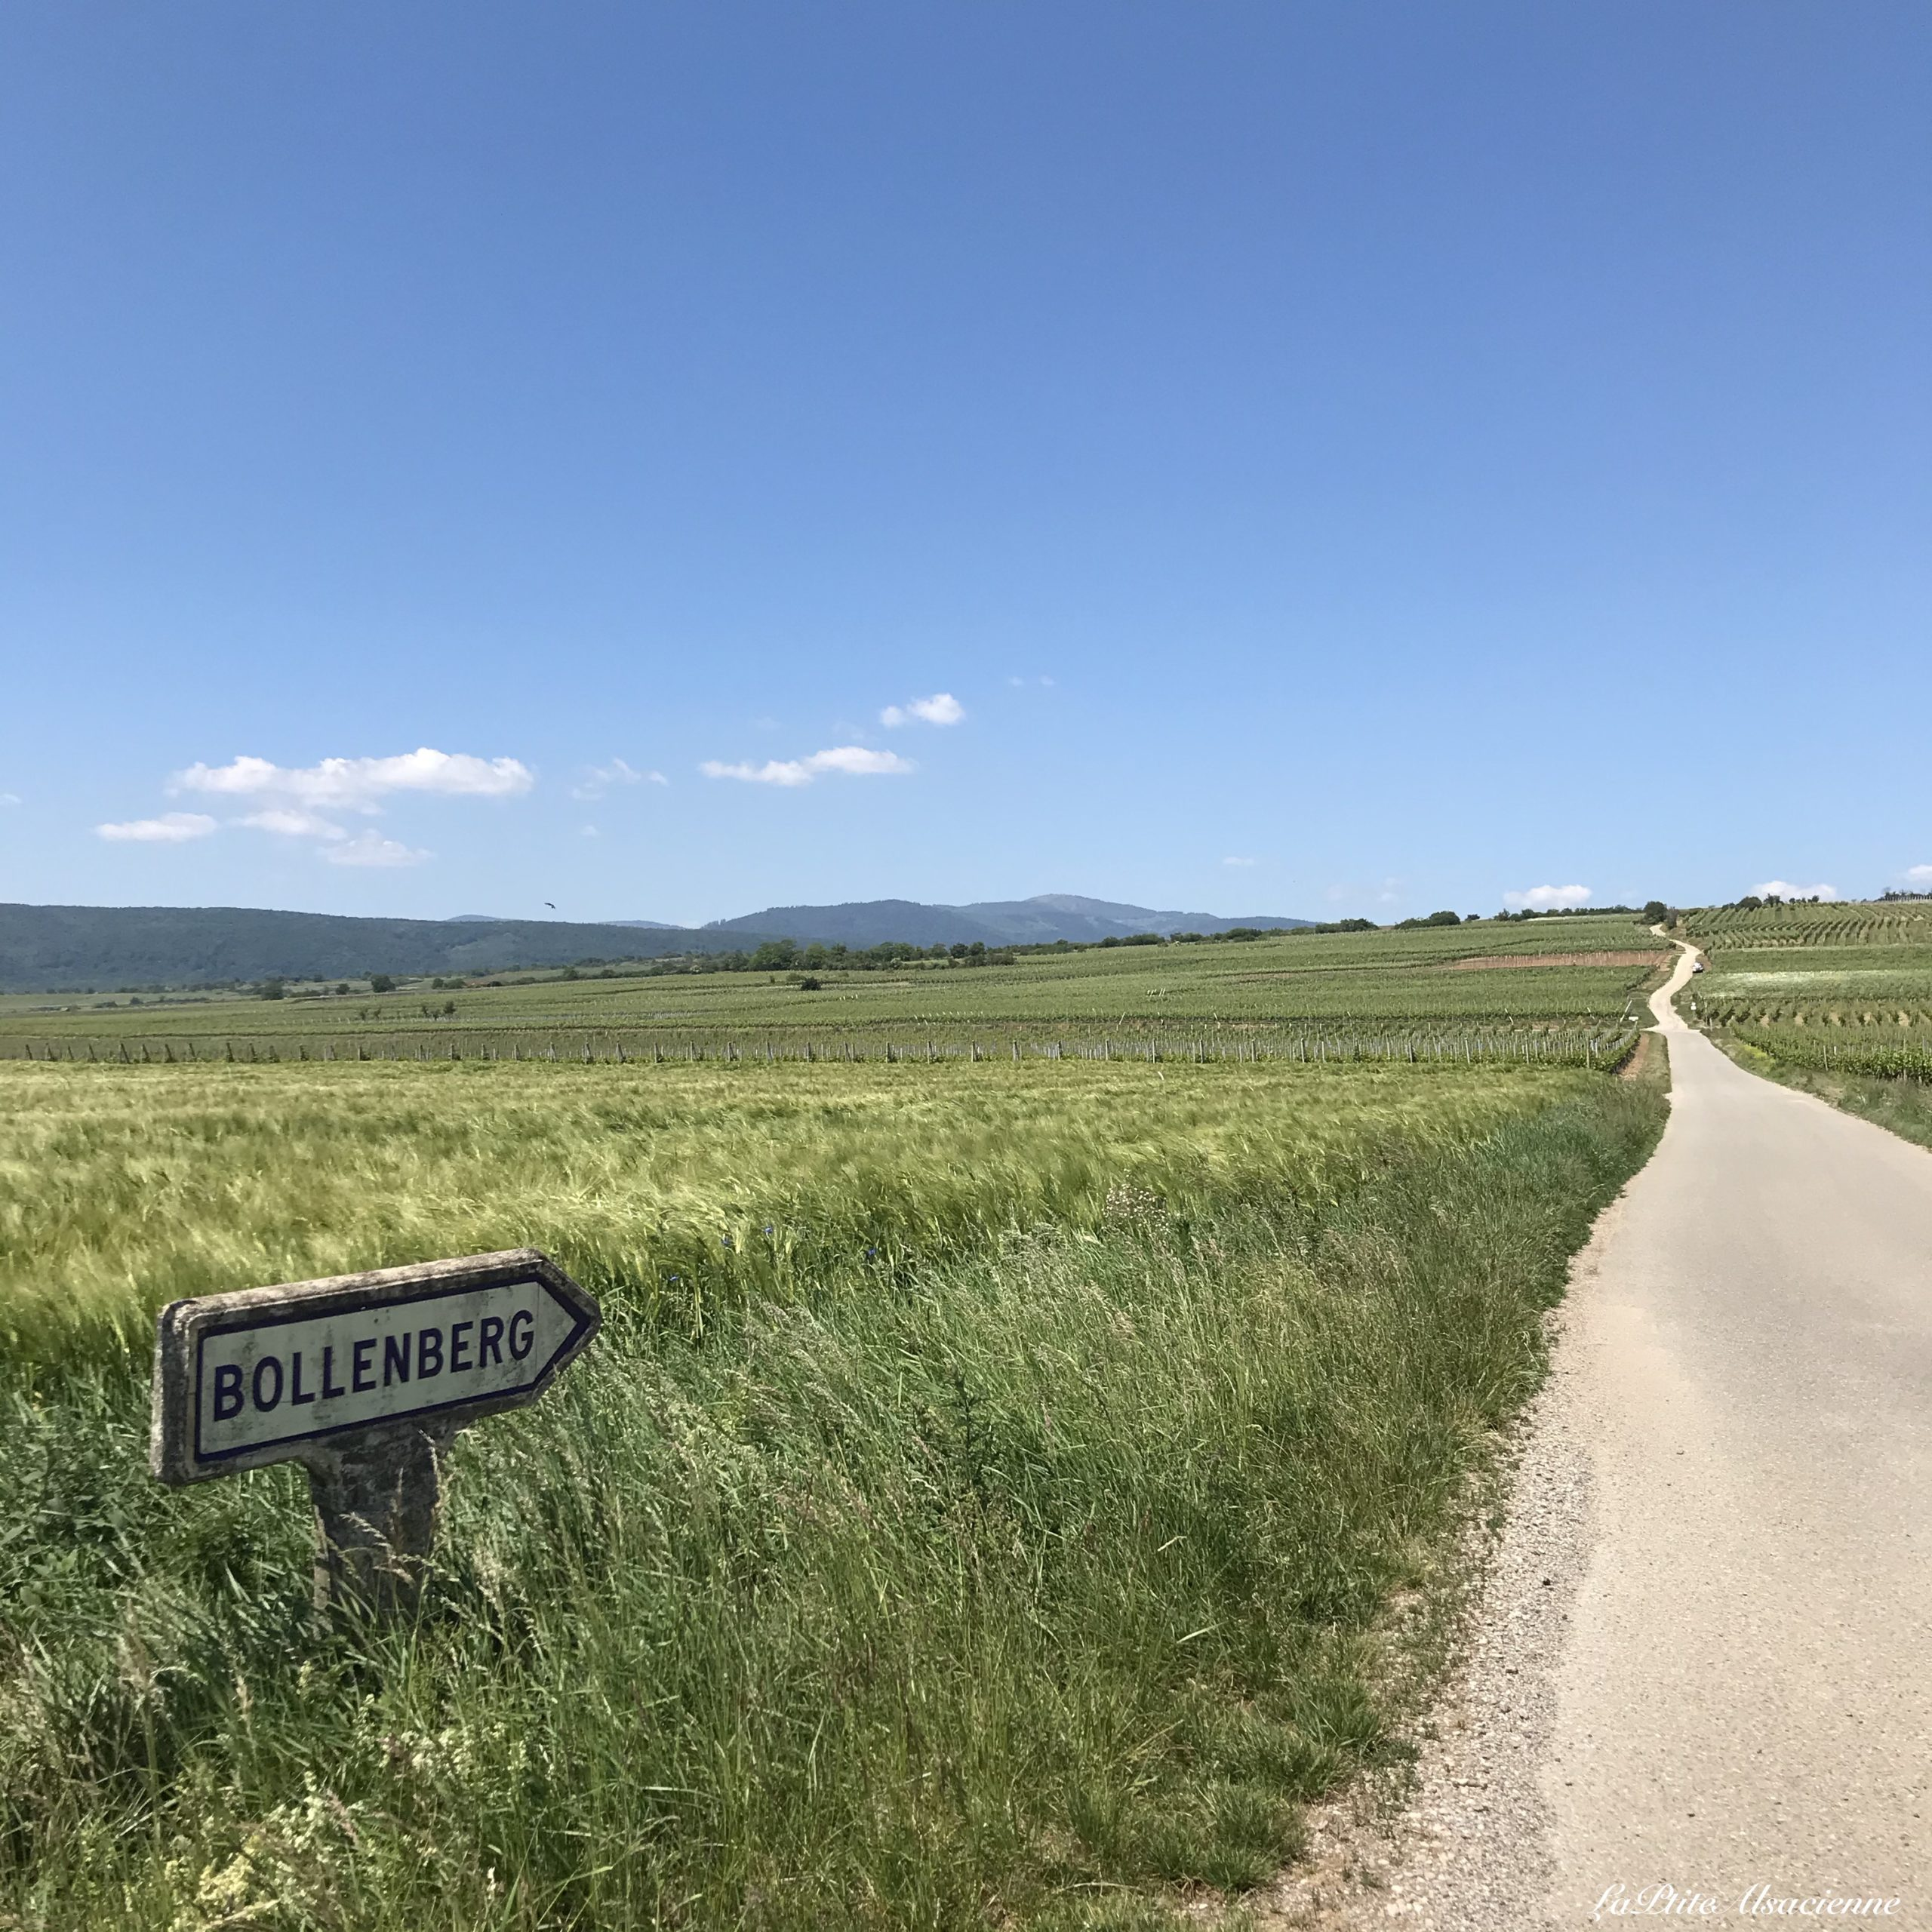 Entre champs et vignoble, au loin la Chapelle du Bollenberg  et le Petit Ballon - Photo by Cendrine Miesch dite LaPtiteAlsacienne